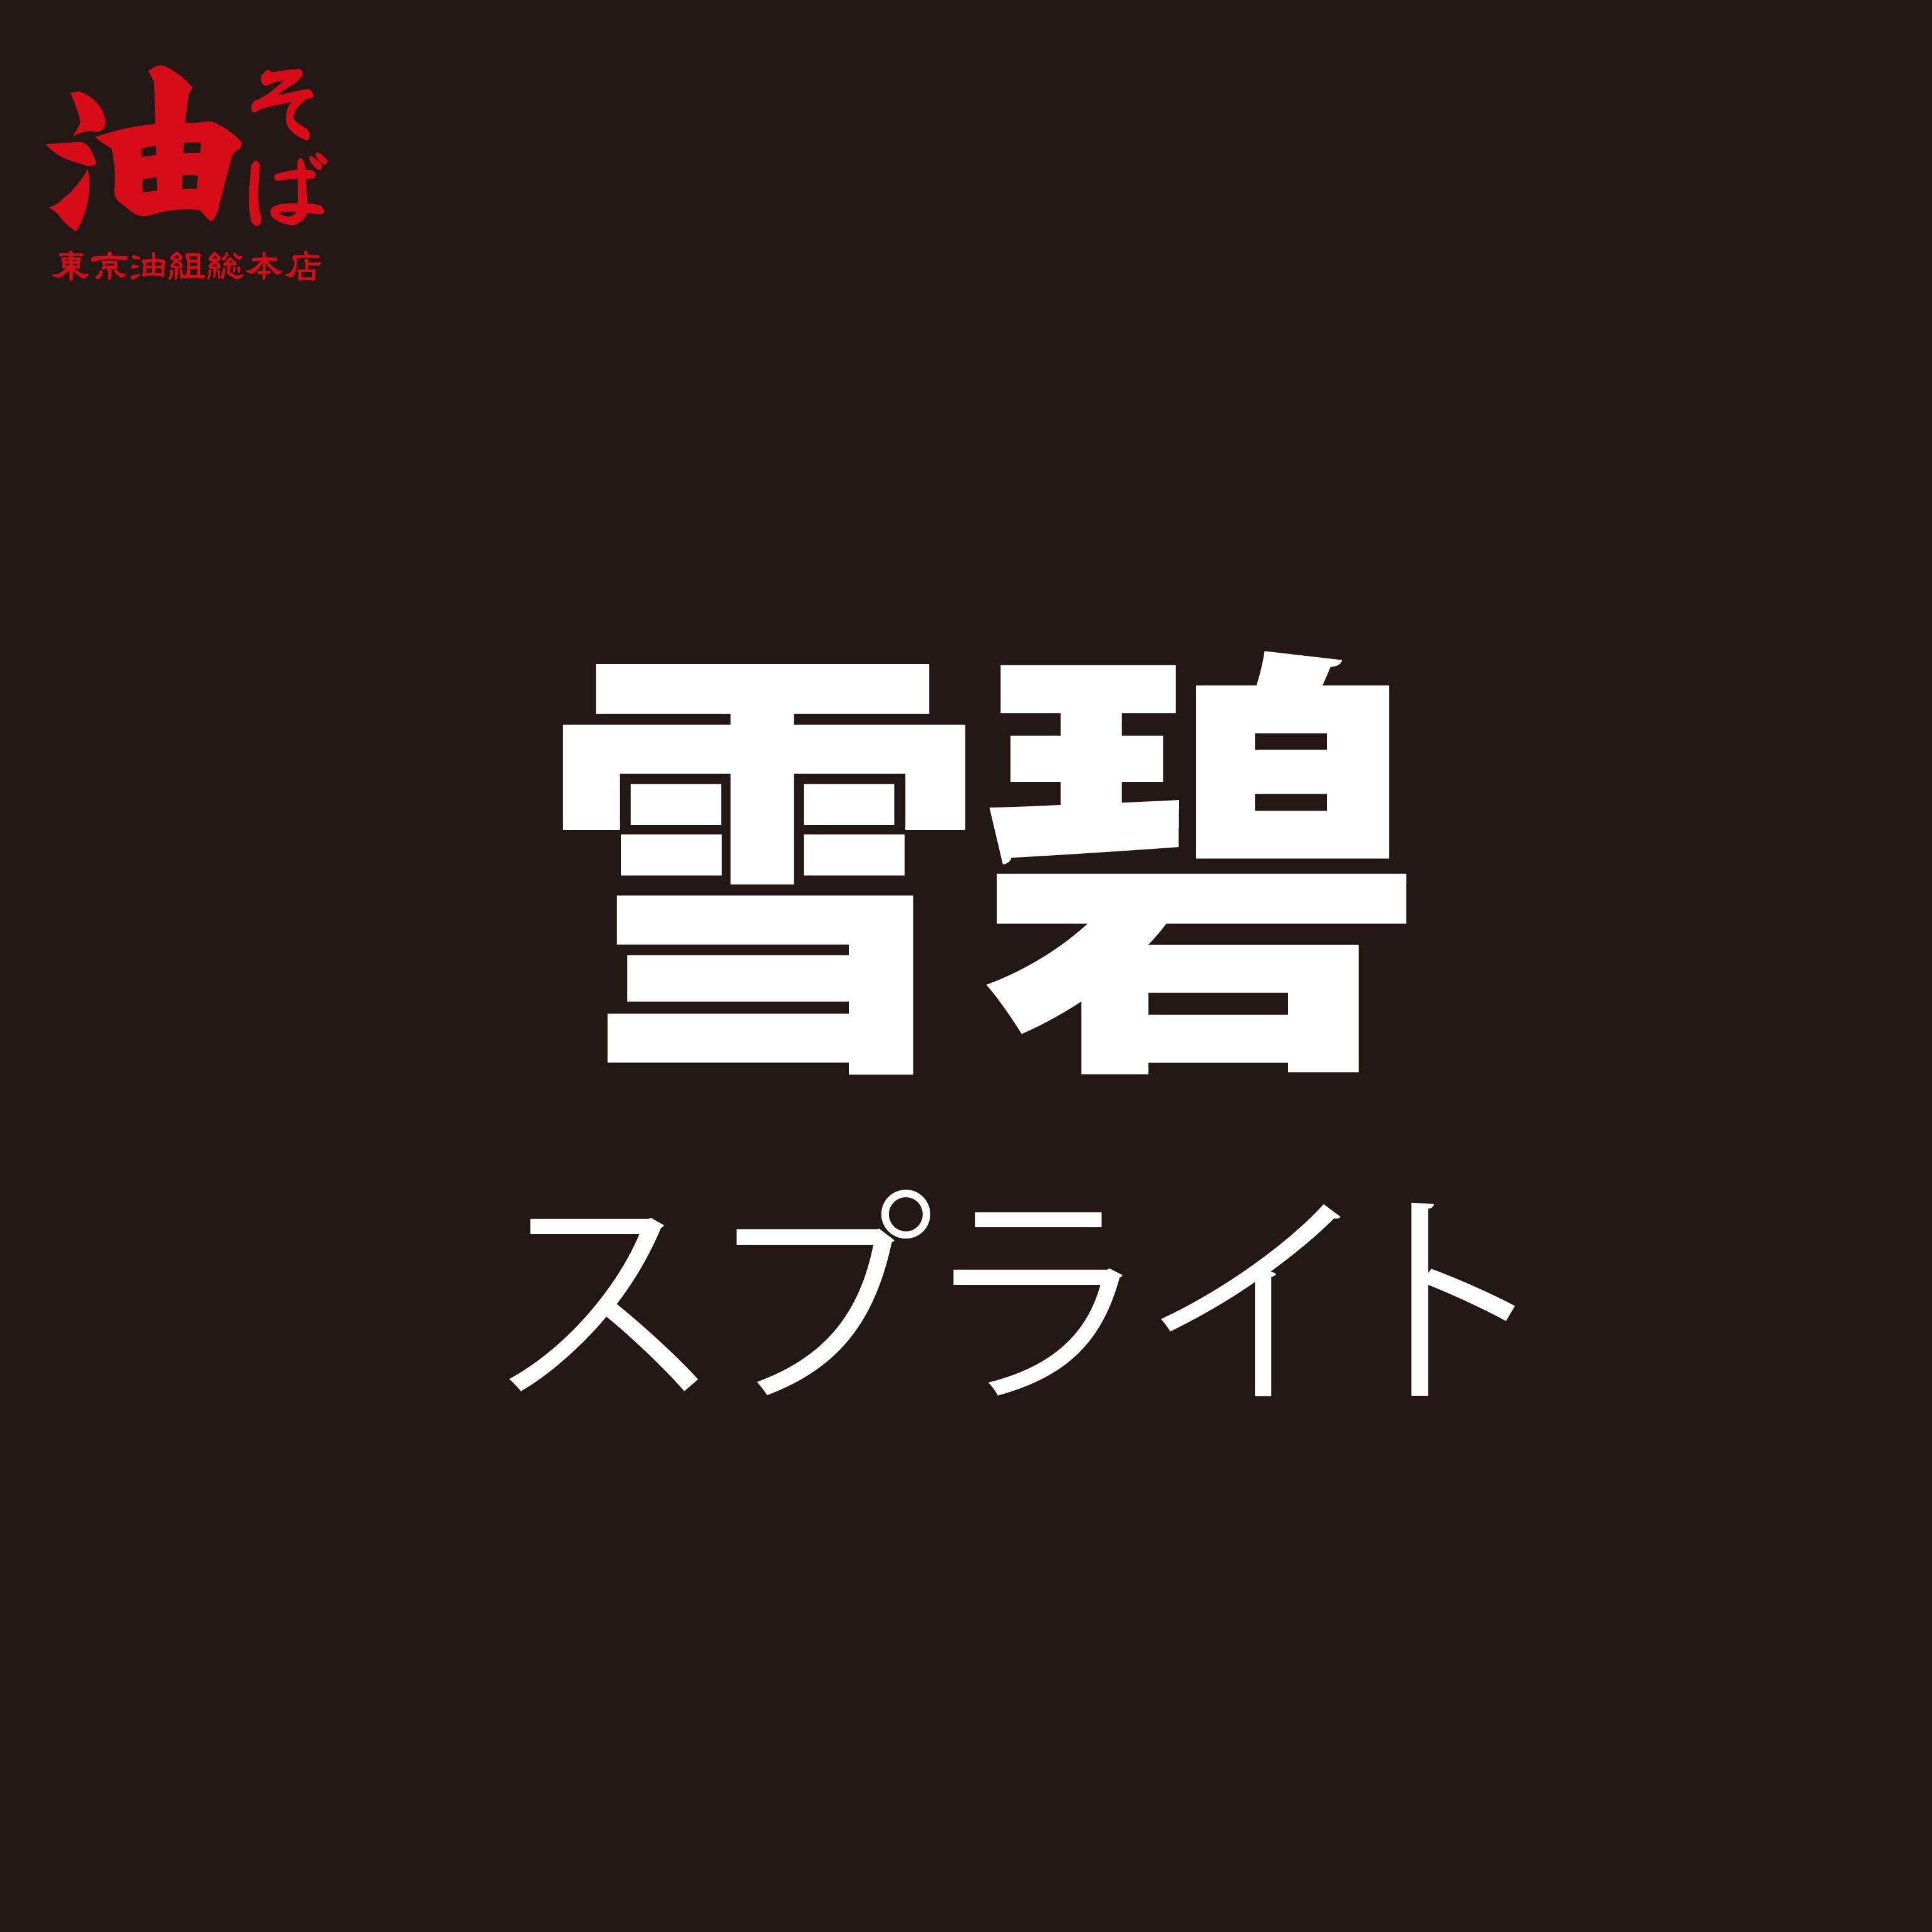 雪碧★電子票券★即買即用★【東京油組総本店】(限定門市使用)